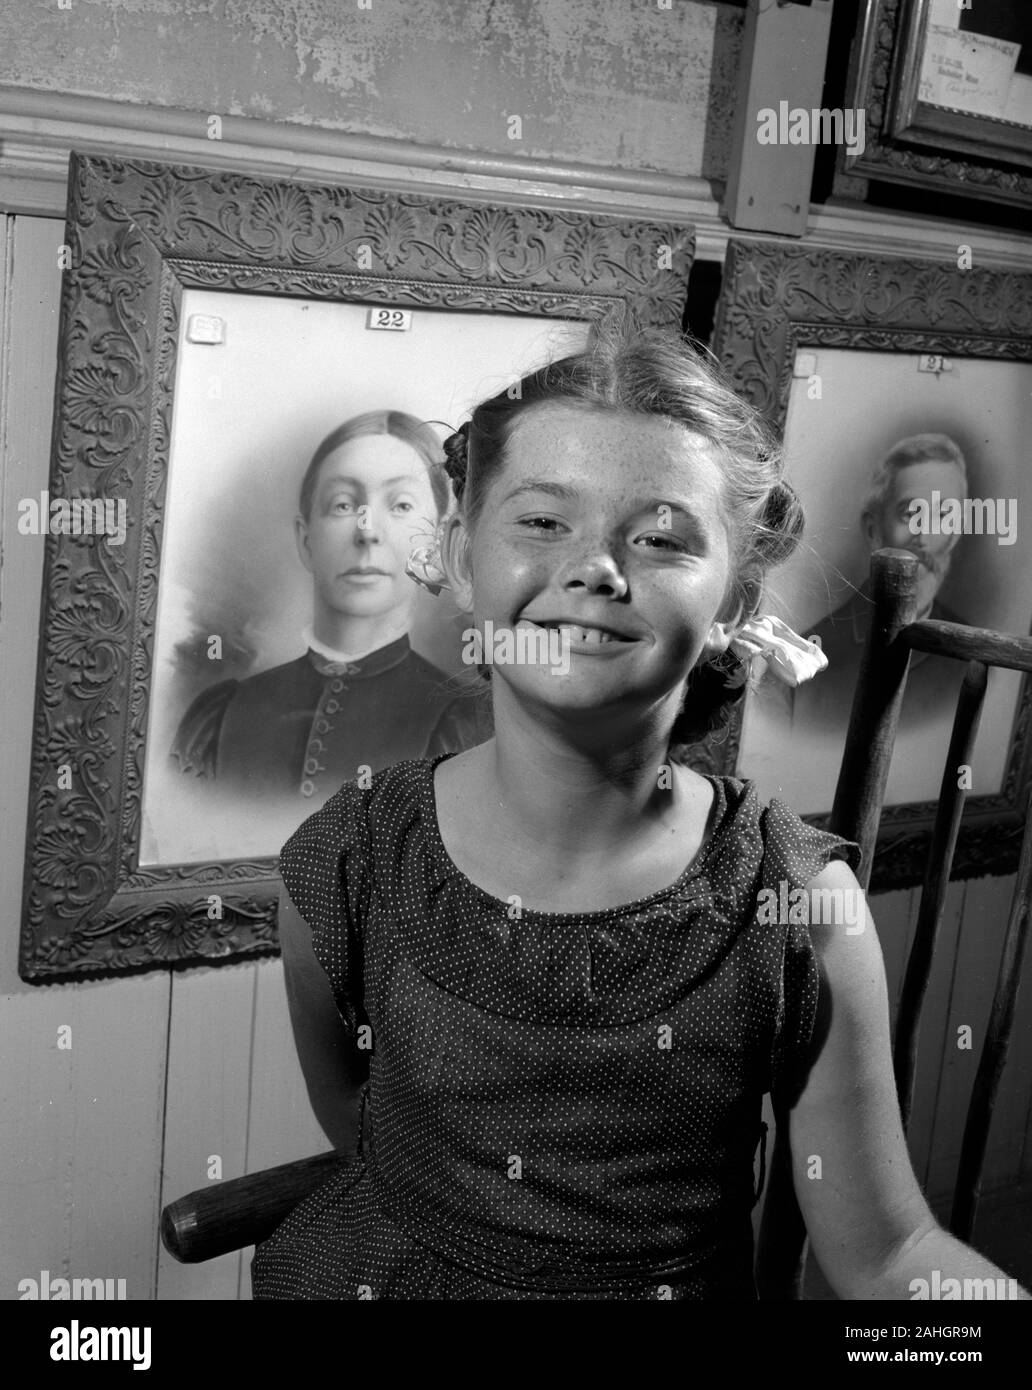 Chica de pie delante de los retratos de los miembros de la familia, de 1946. Esto fue parte de la Feria del Estado de Minnesota en 1946, donde la gente se paró delante de los retratos de sus abuelos para ilustrar los rasgos genealógica. Foto de stock